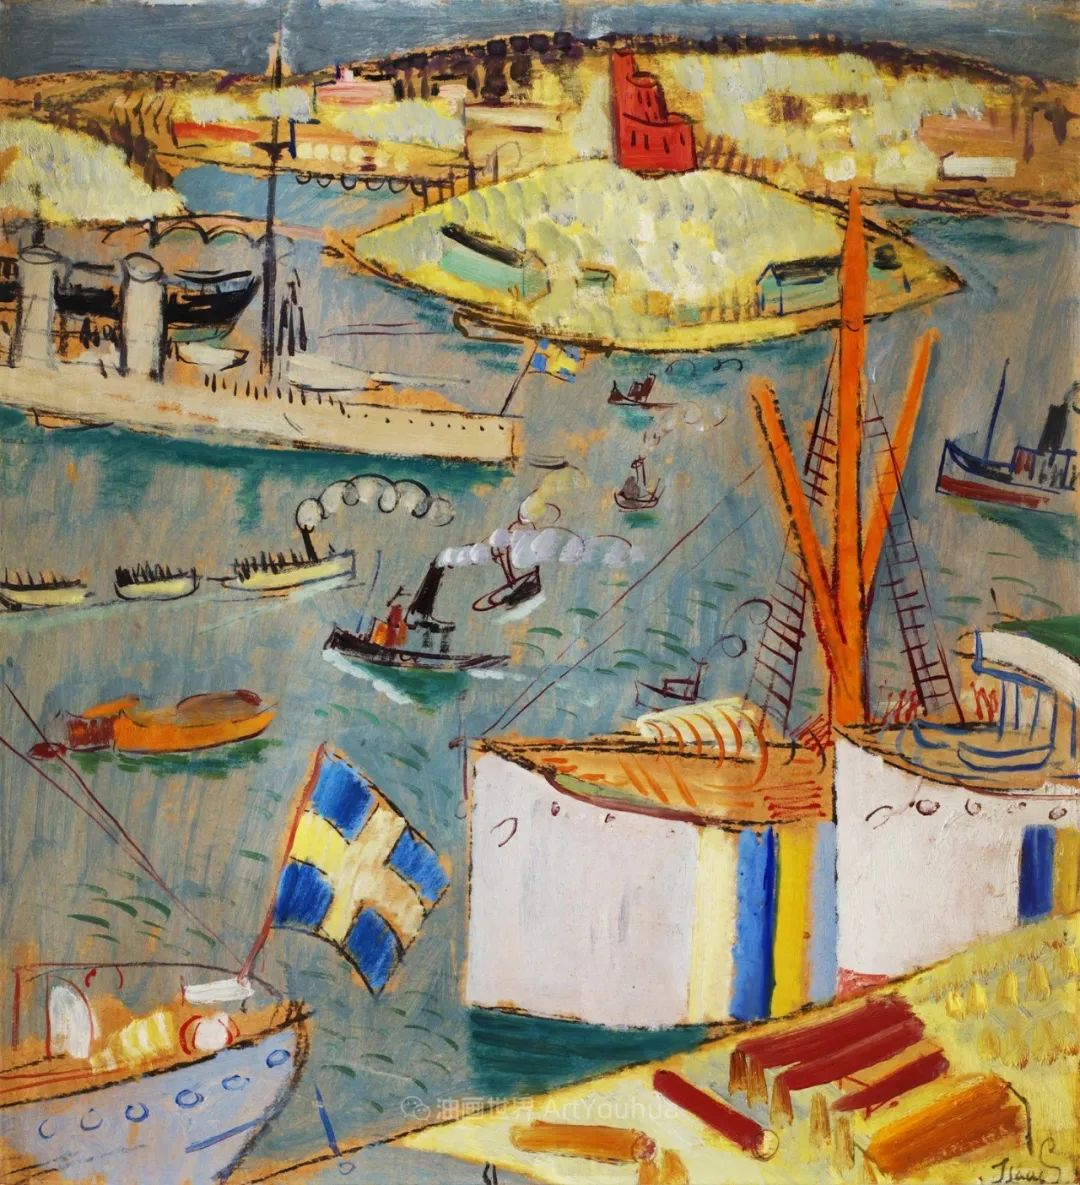 第一代瑞典现代主义的领军人物   艾萨克作品欣赏插图111